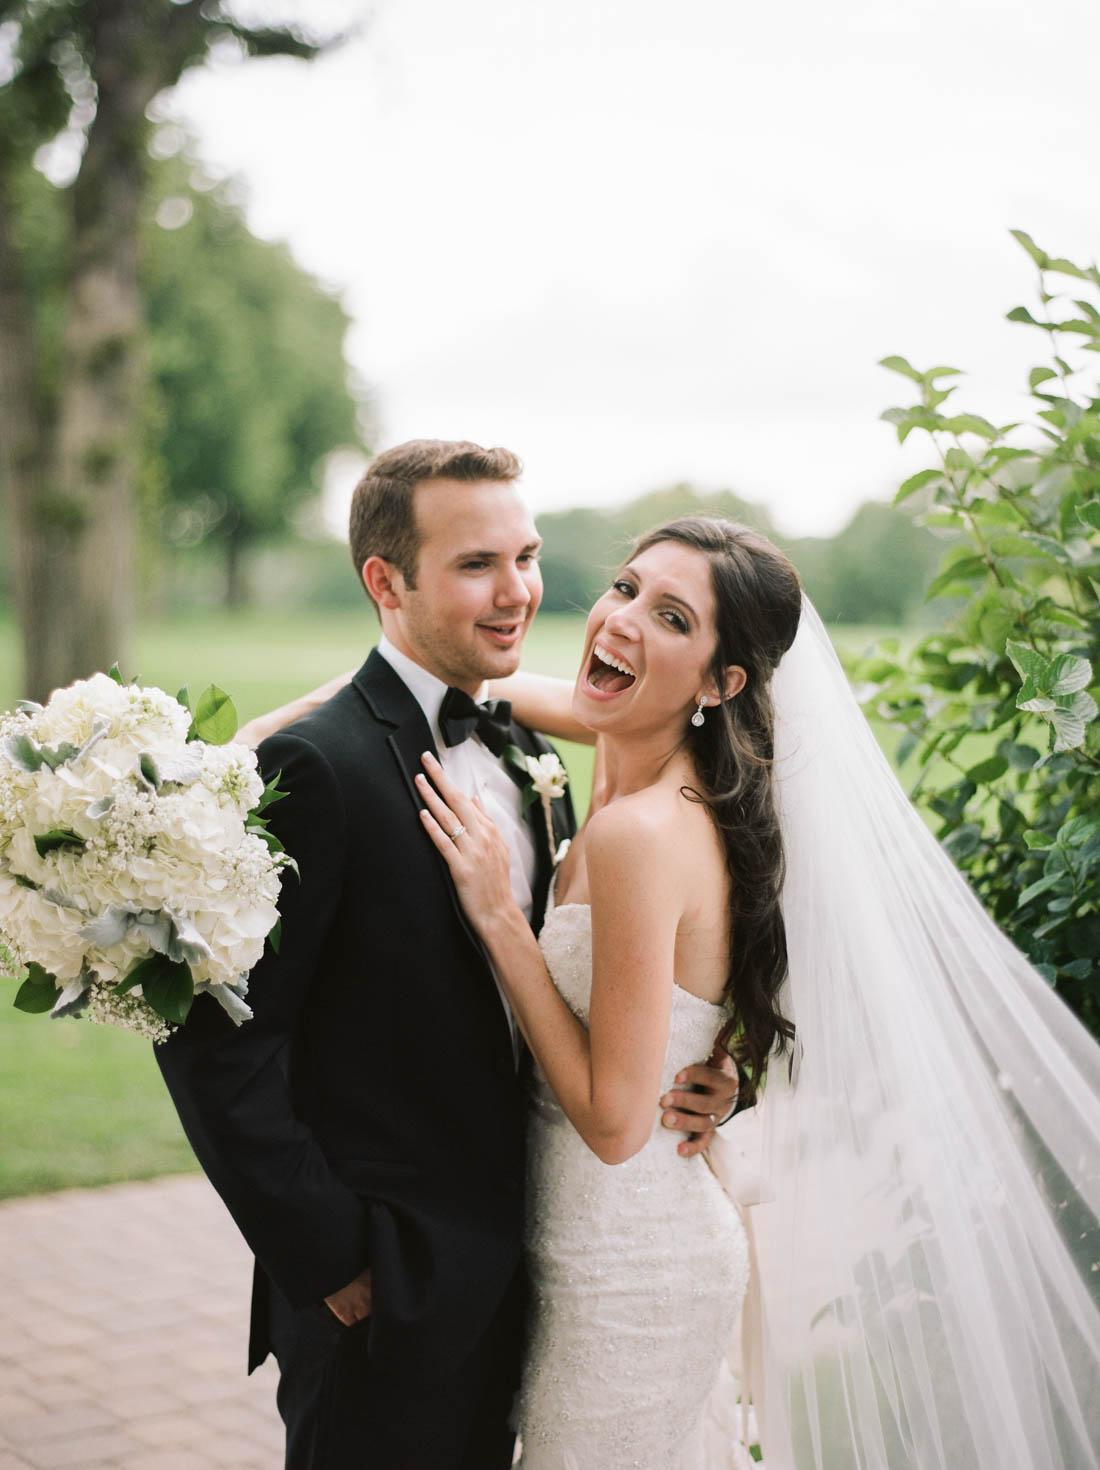 kateweinsteinphoto_alyssaconnor_wedding-437.jpg